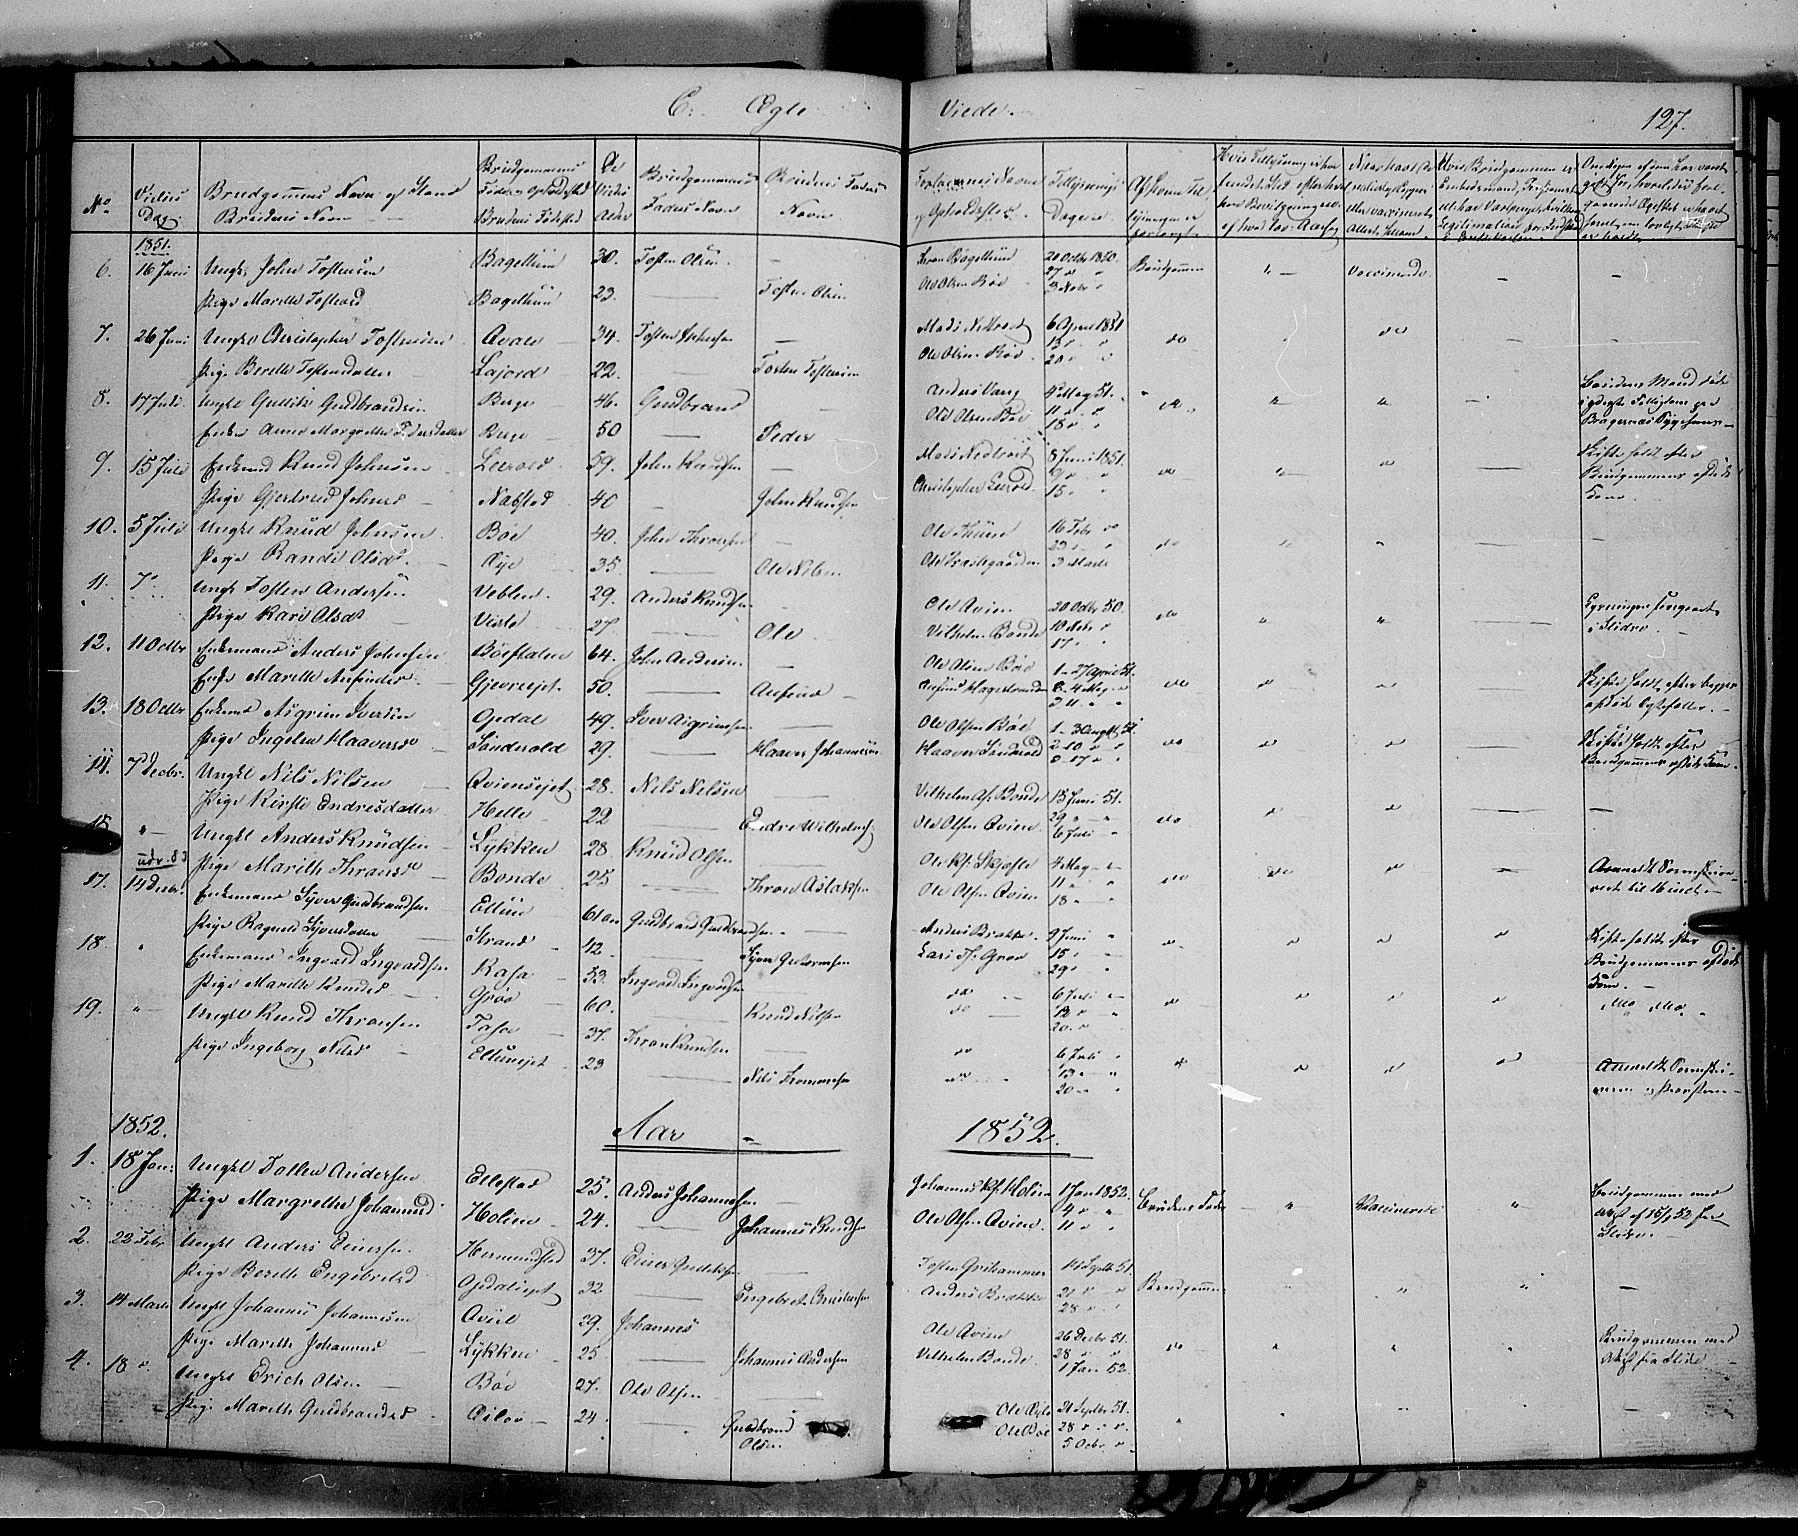 SAH, Vang prestekontor, Valdres, Ministerialbok nr. 6, 1846-1864, s. 127